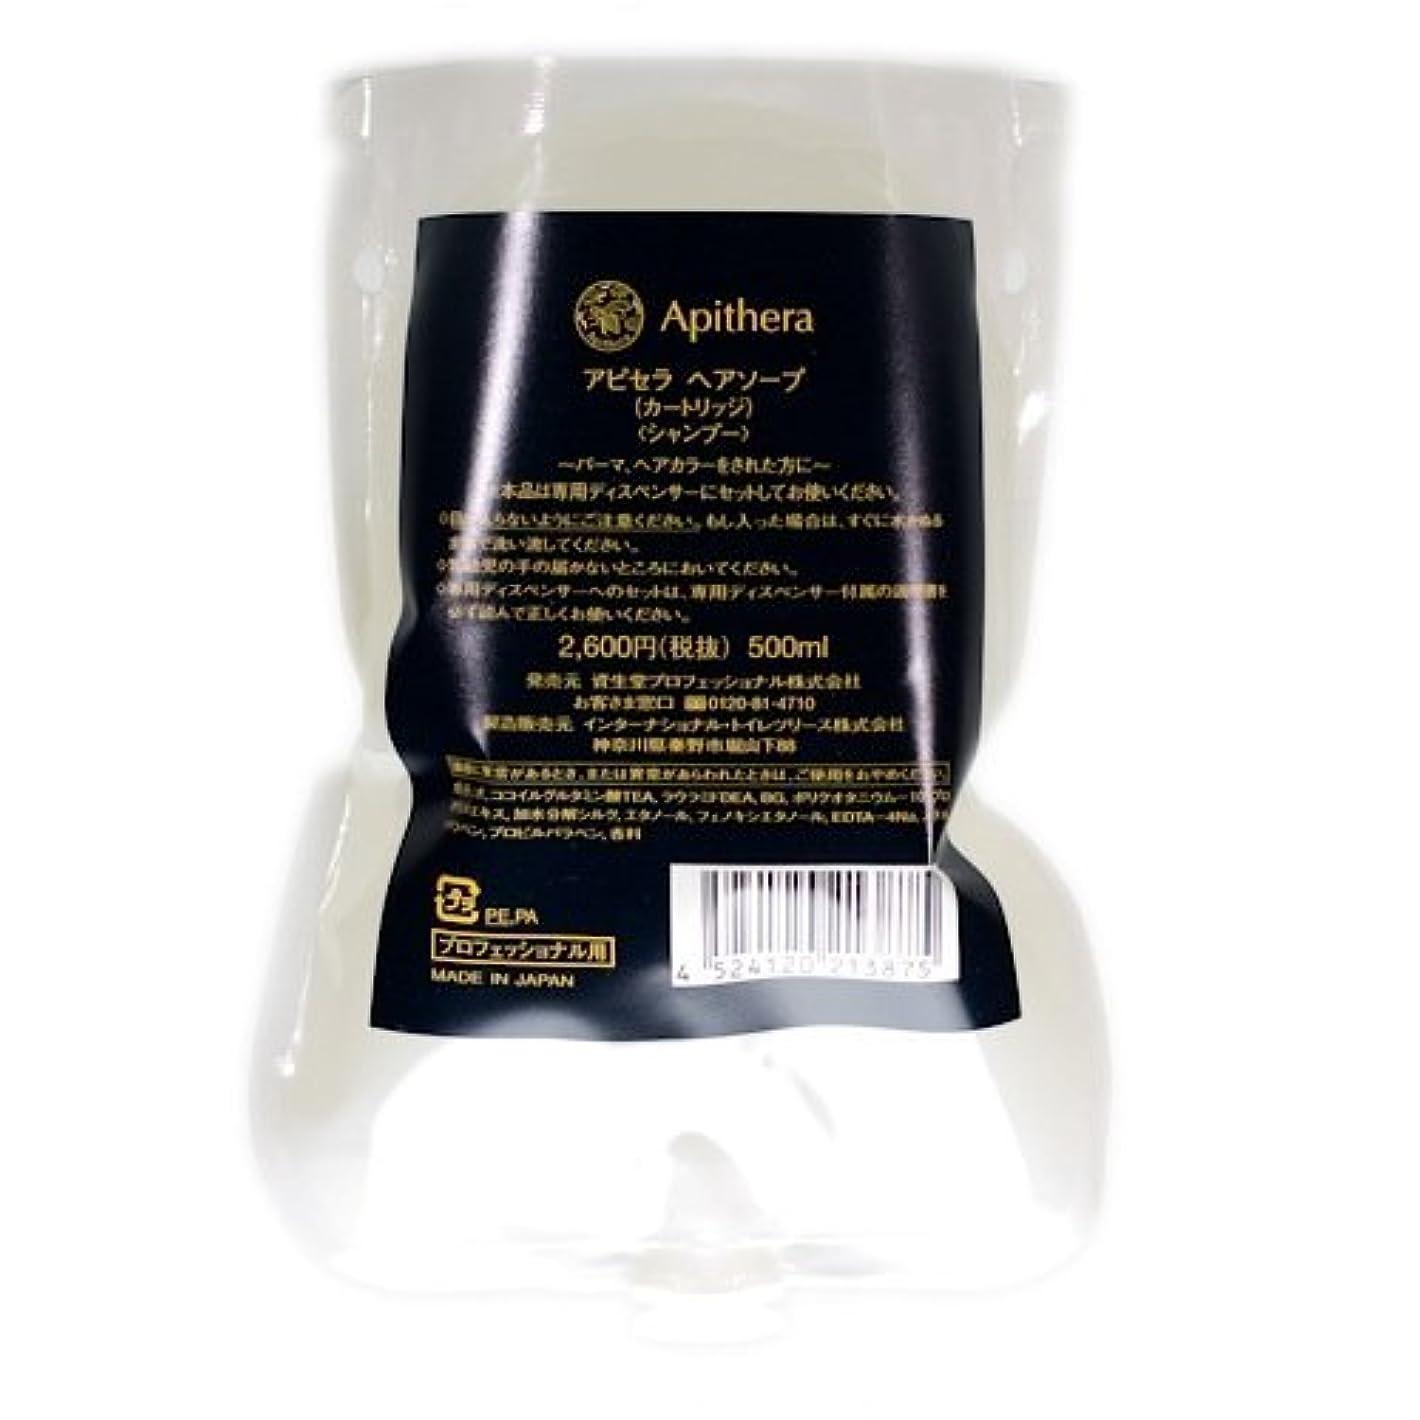 混合おもしろい選出する資生堂 アピセラ ヘアソープ 500ml (レフィル)